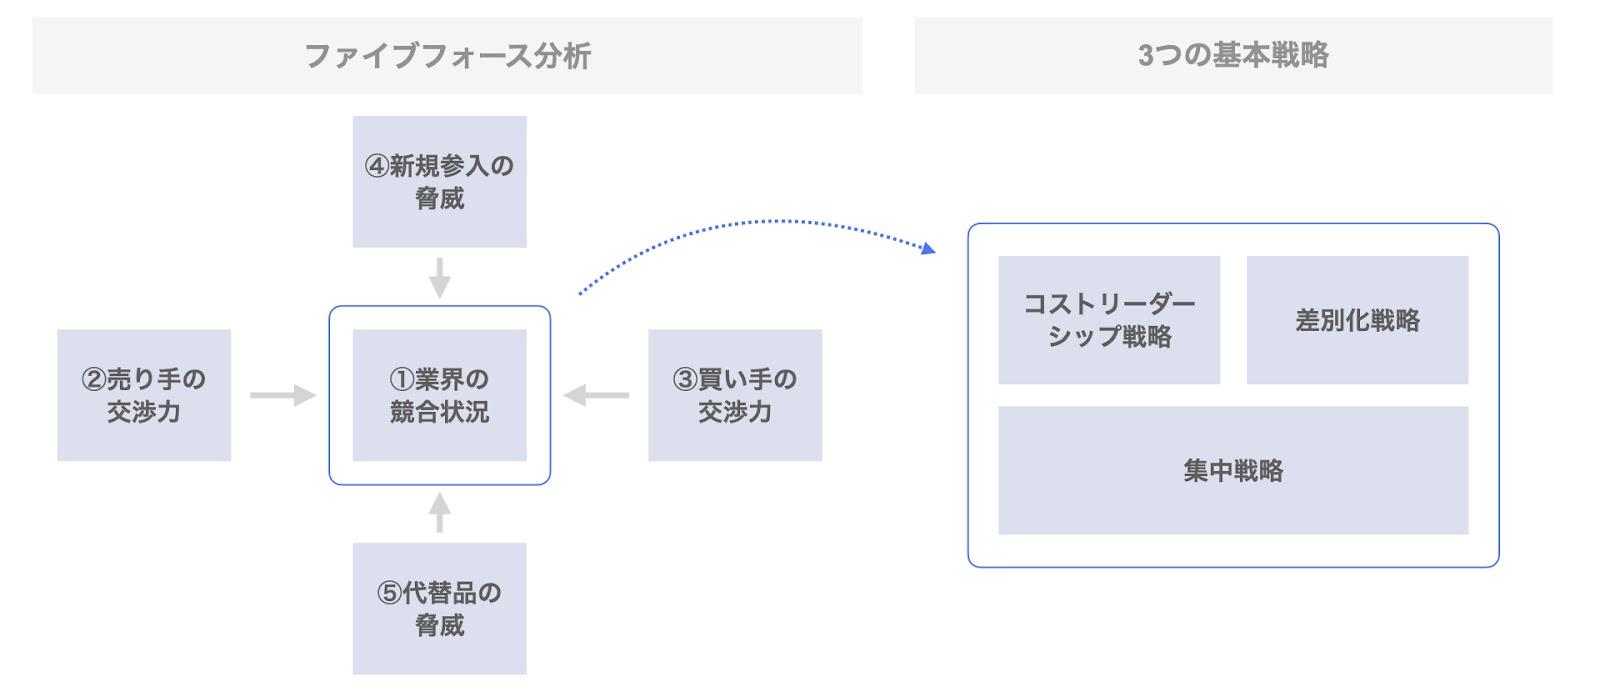 ポーターの3つの基本戦略とファイブフォース分析の関係